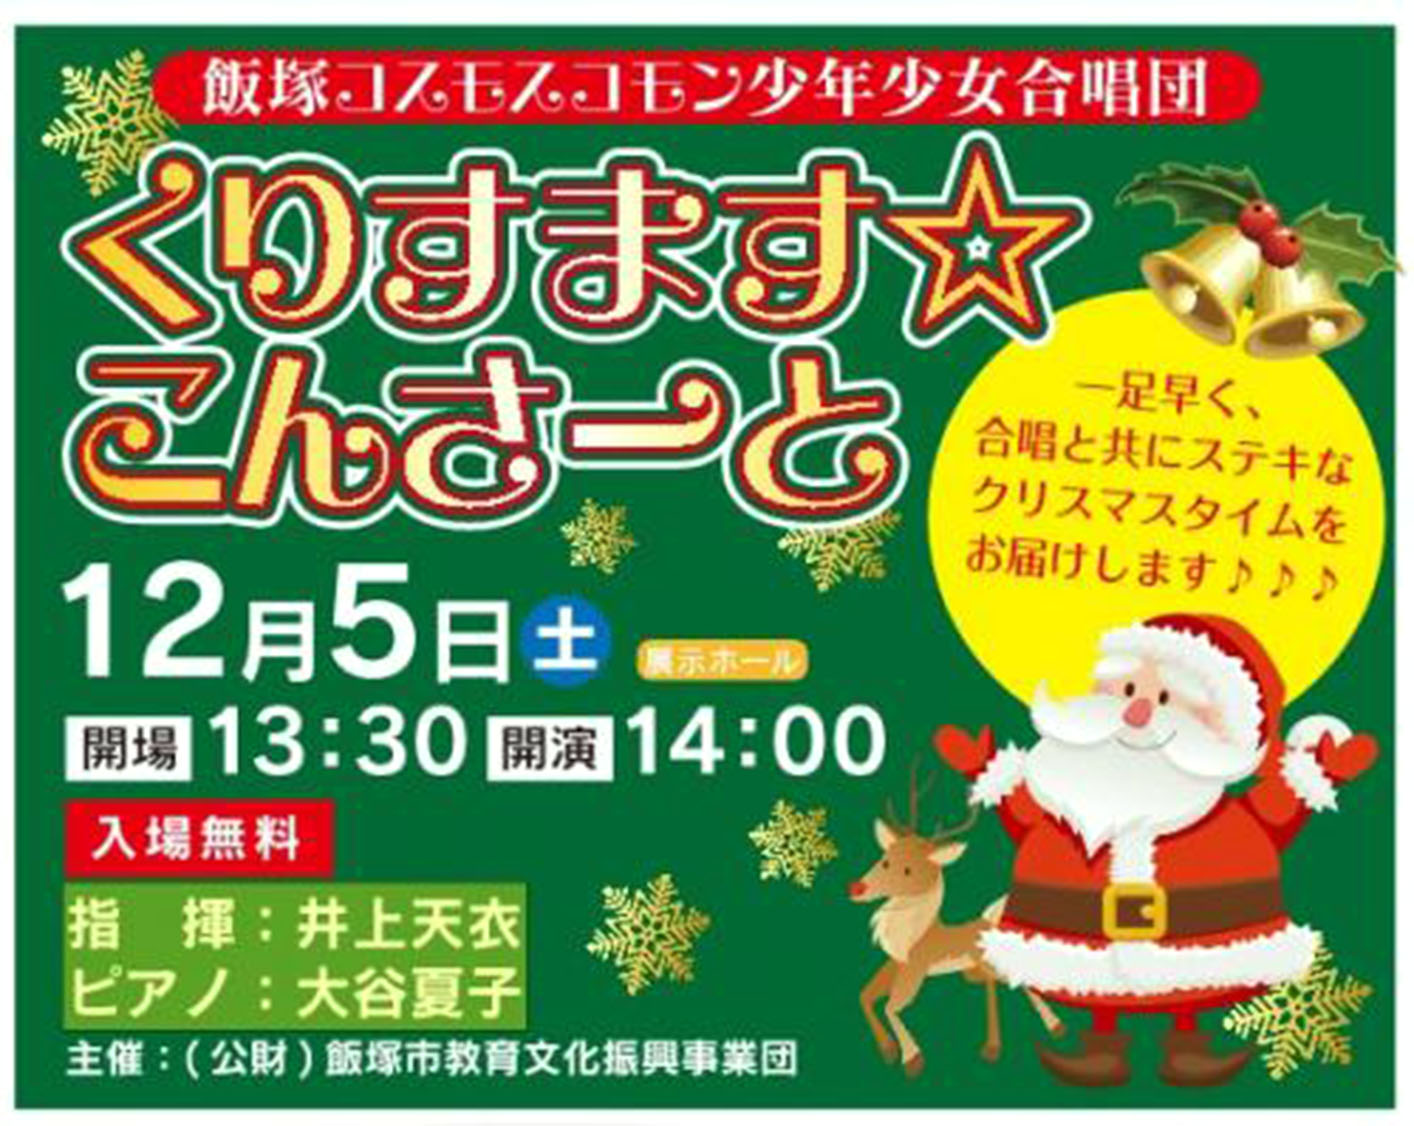 飯塚コスモスコモン少年少女合唱団 くりすますこんさーと 2020